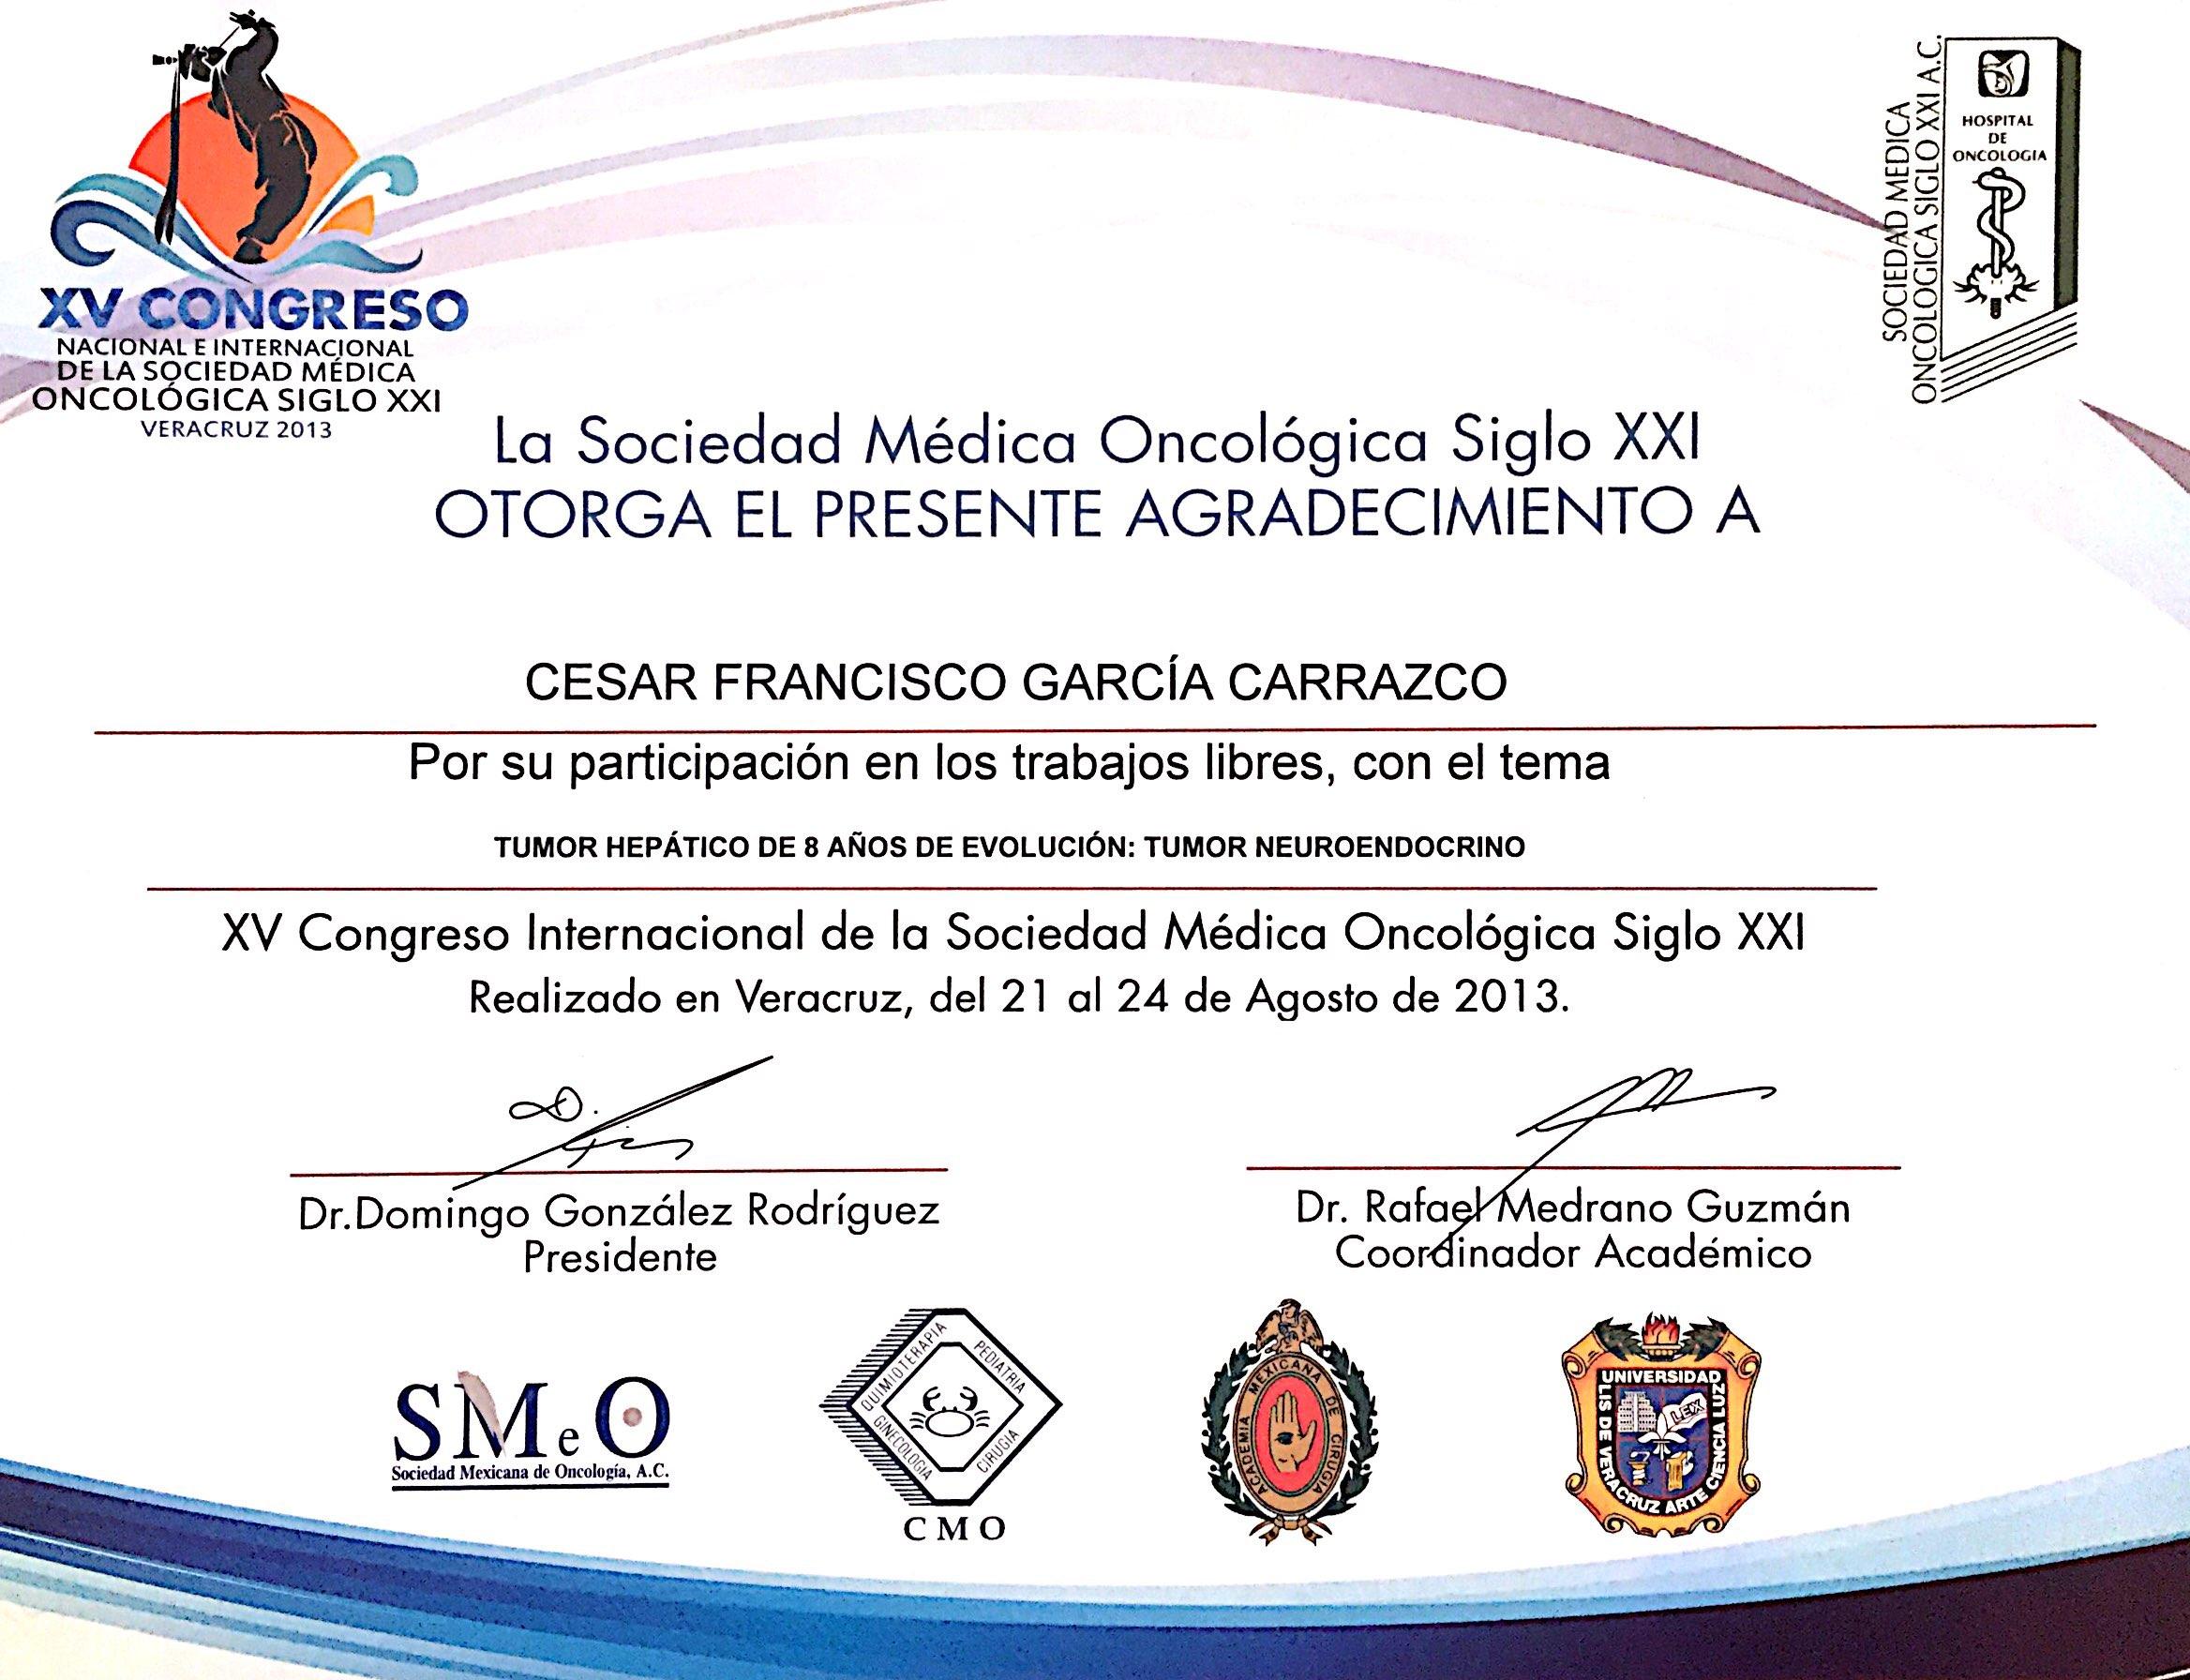 Dr. Garcia Carrazco_53